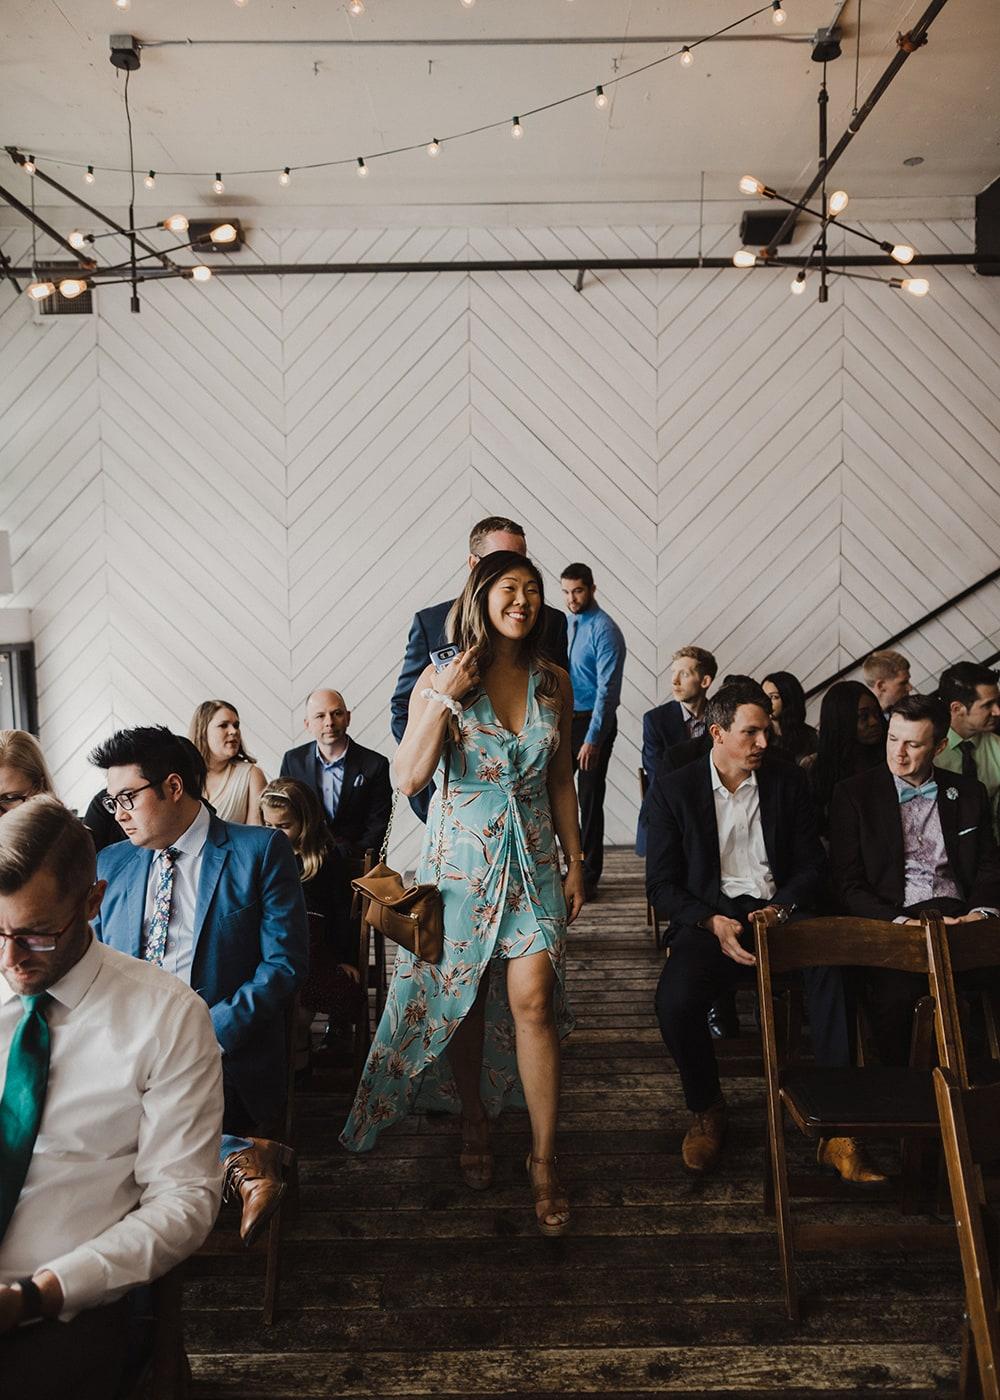 guests walking down isle at wedding